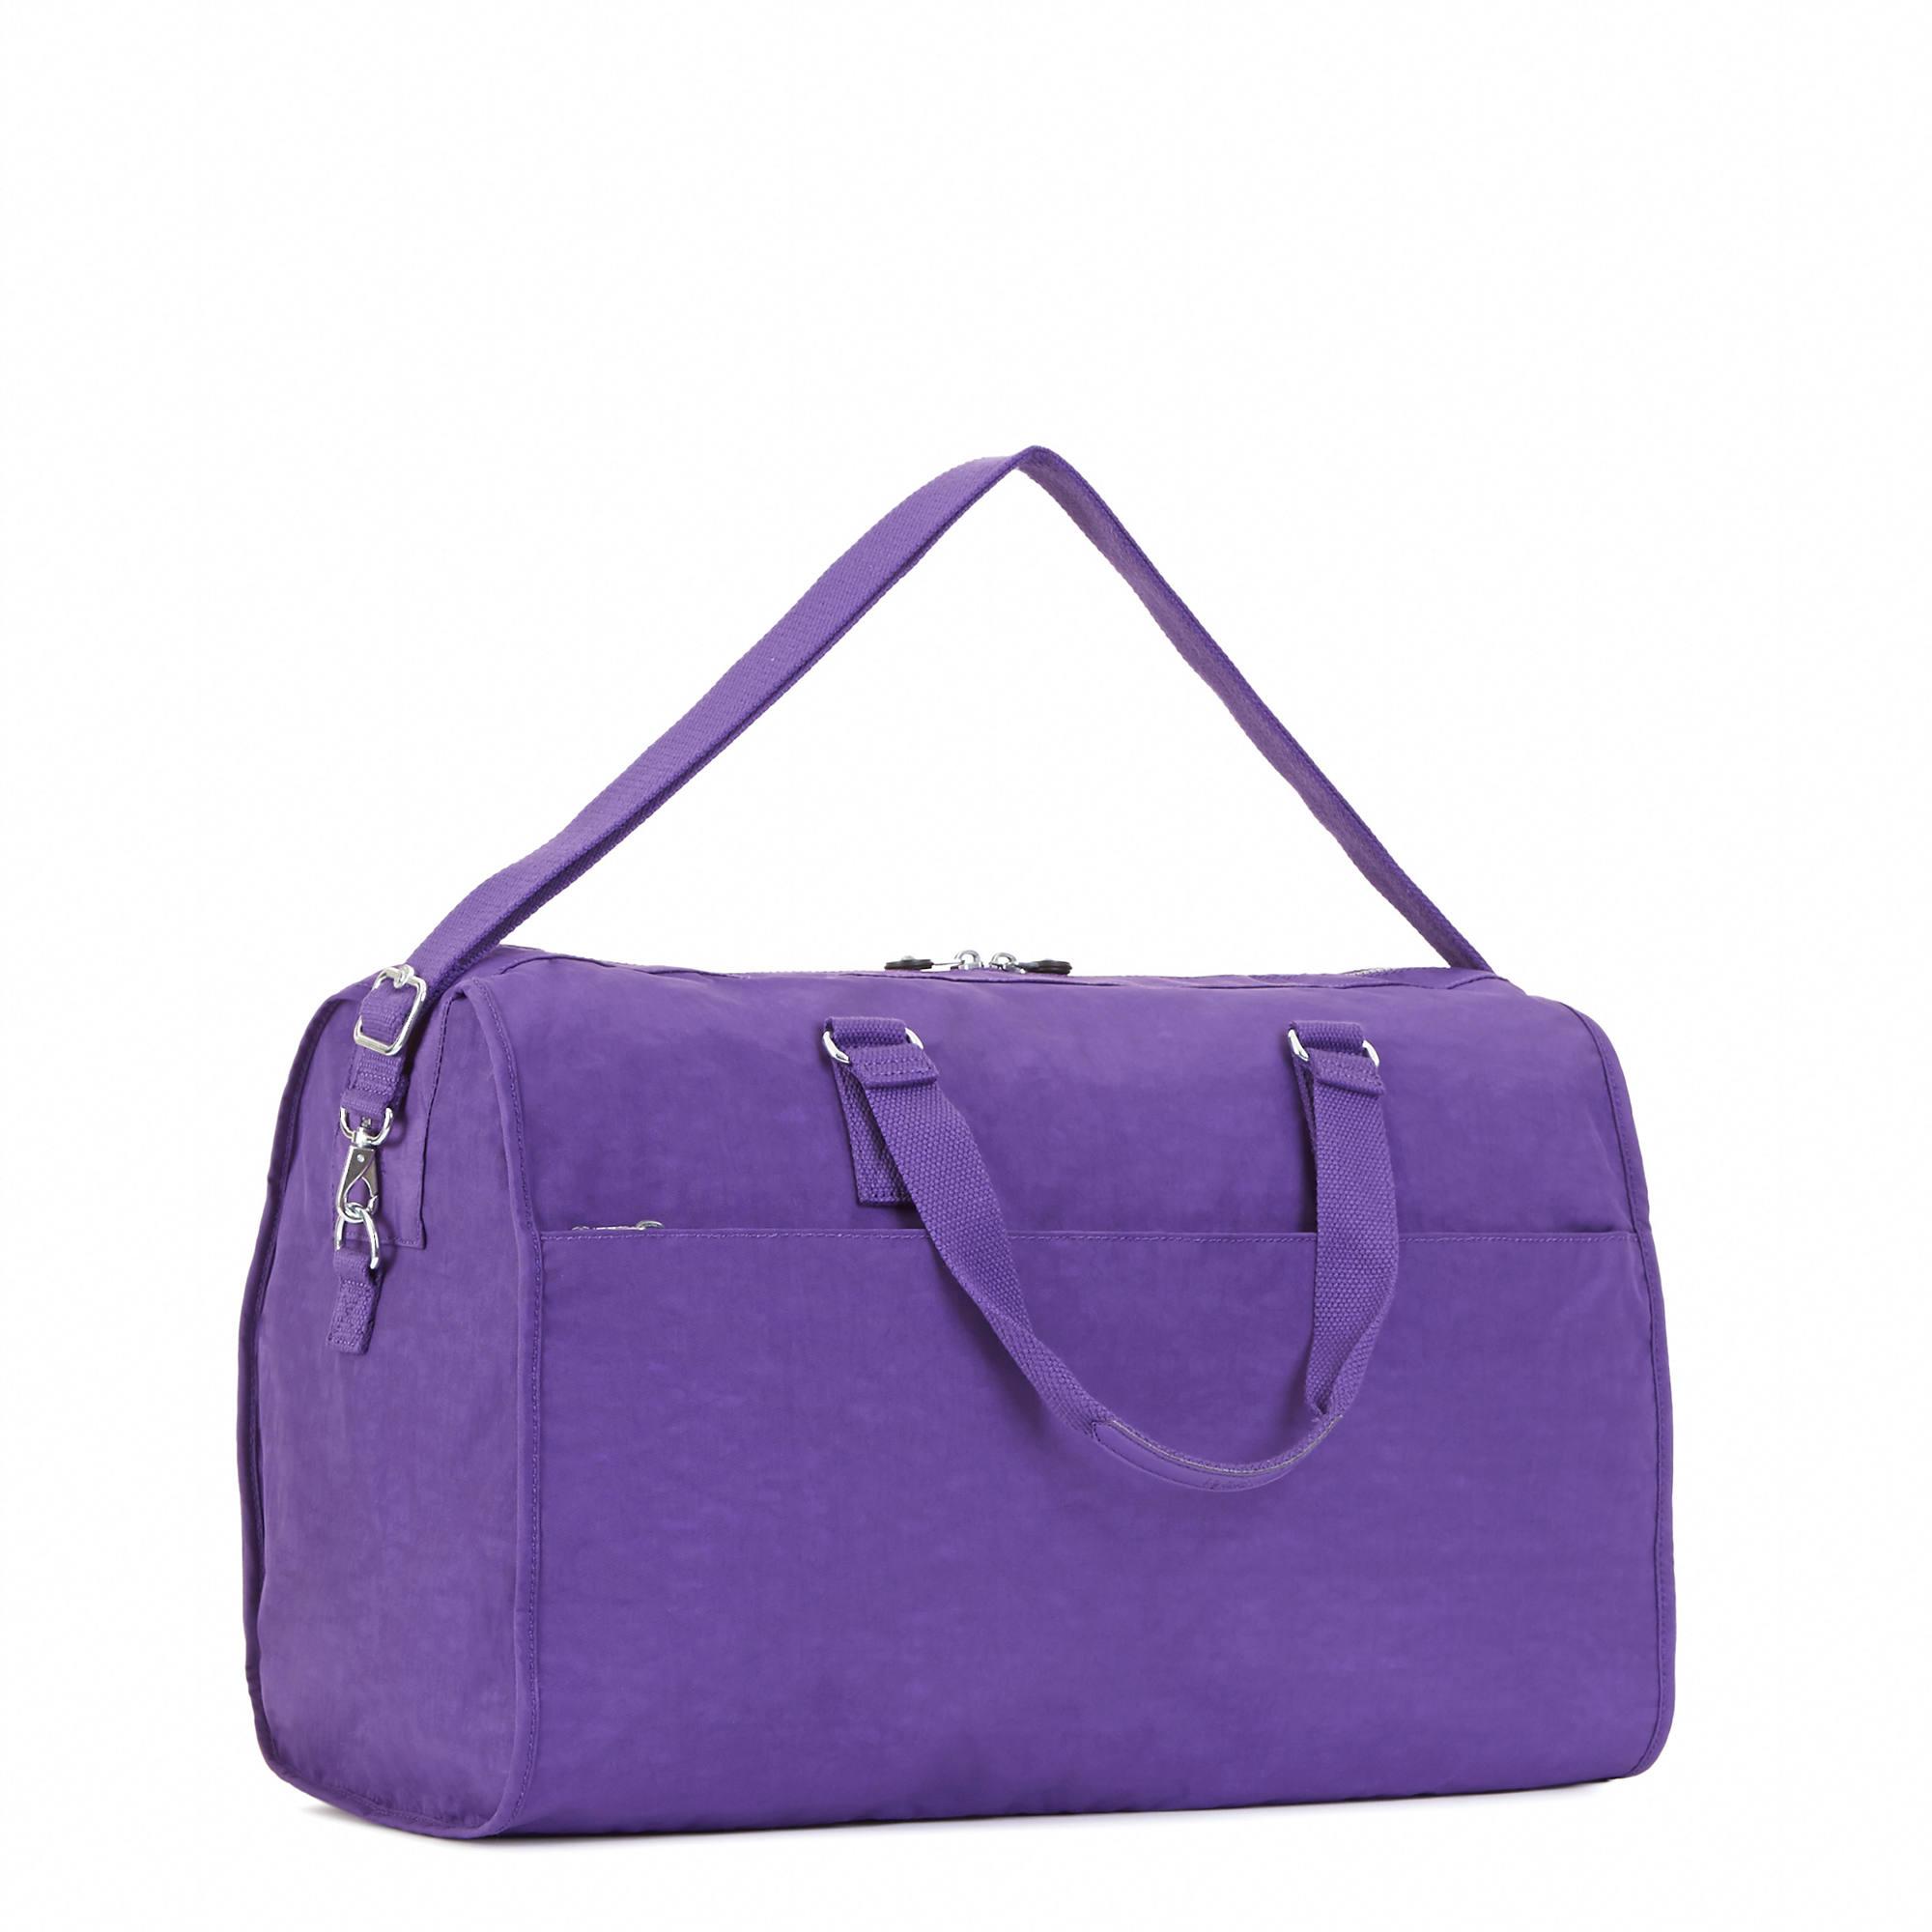 1d1afd21ea Itska New Duffle Bag